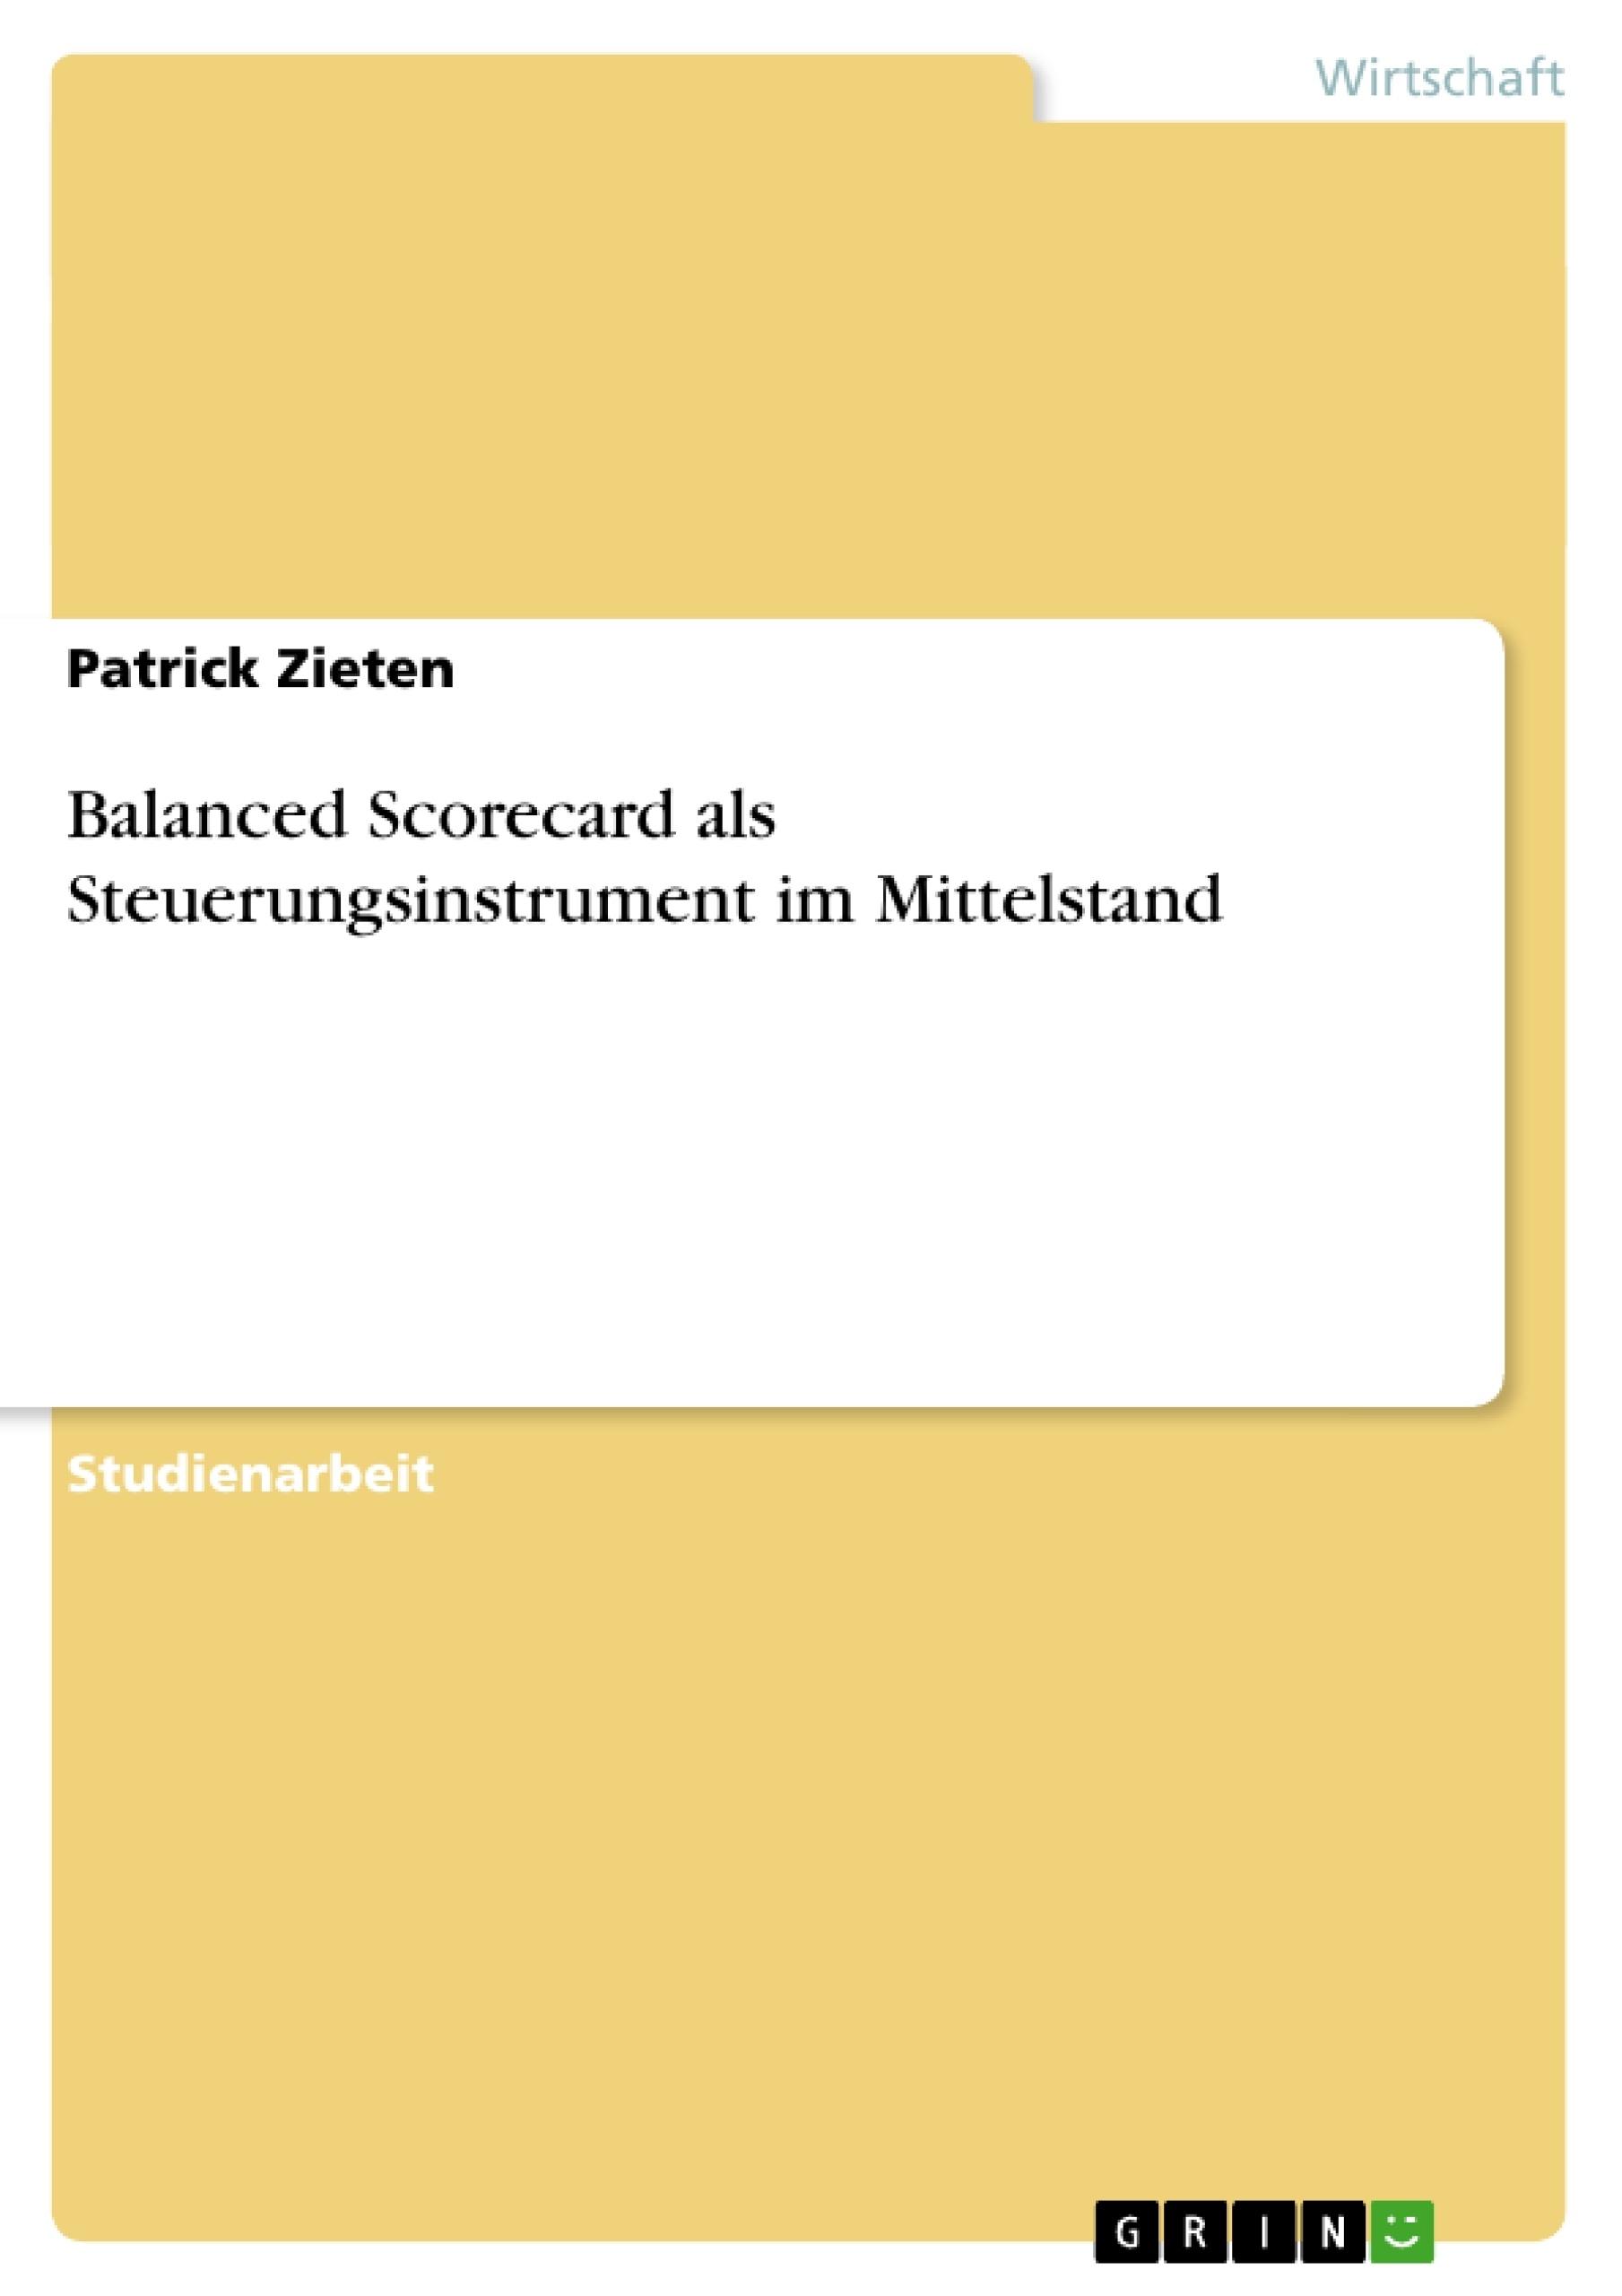 Titel: Balanced Scorecard als Steuerungsinstrument im Mittelstand